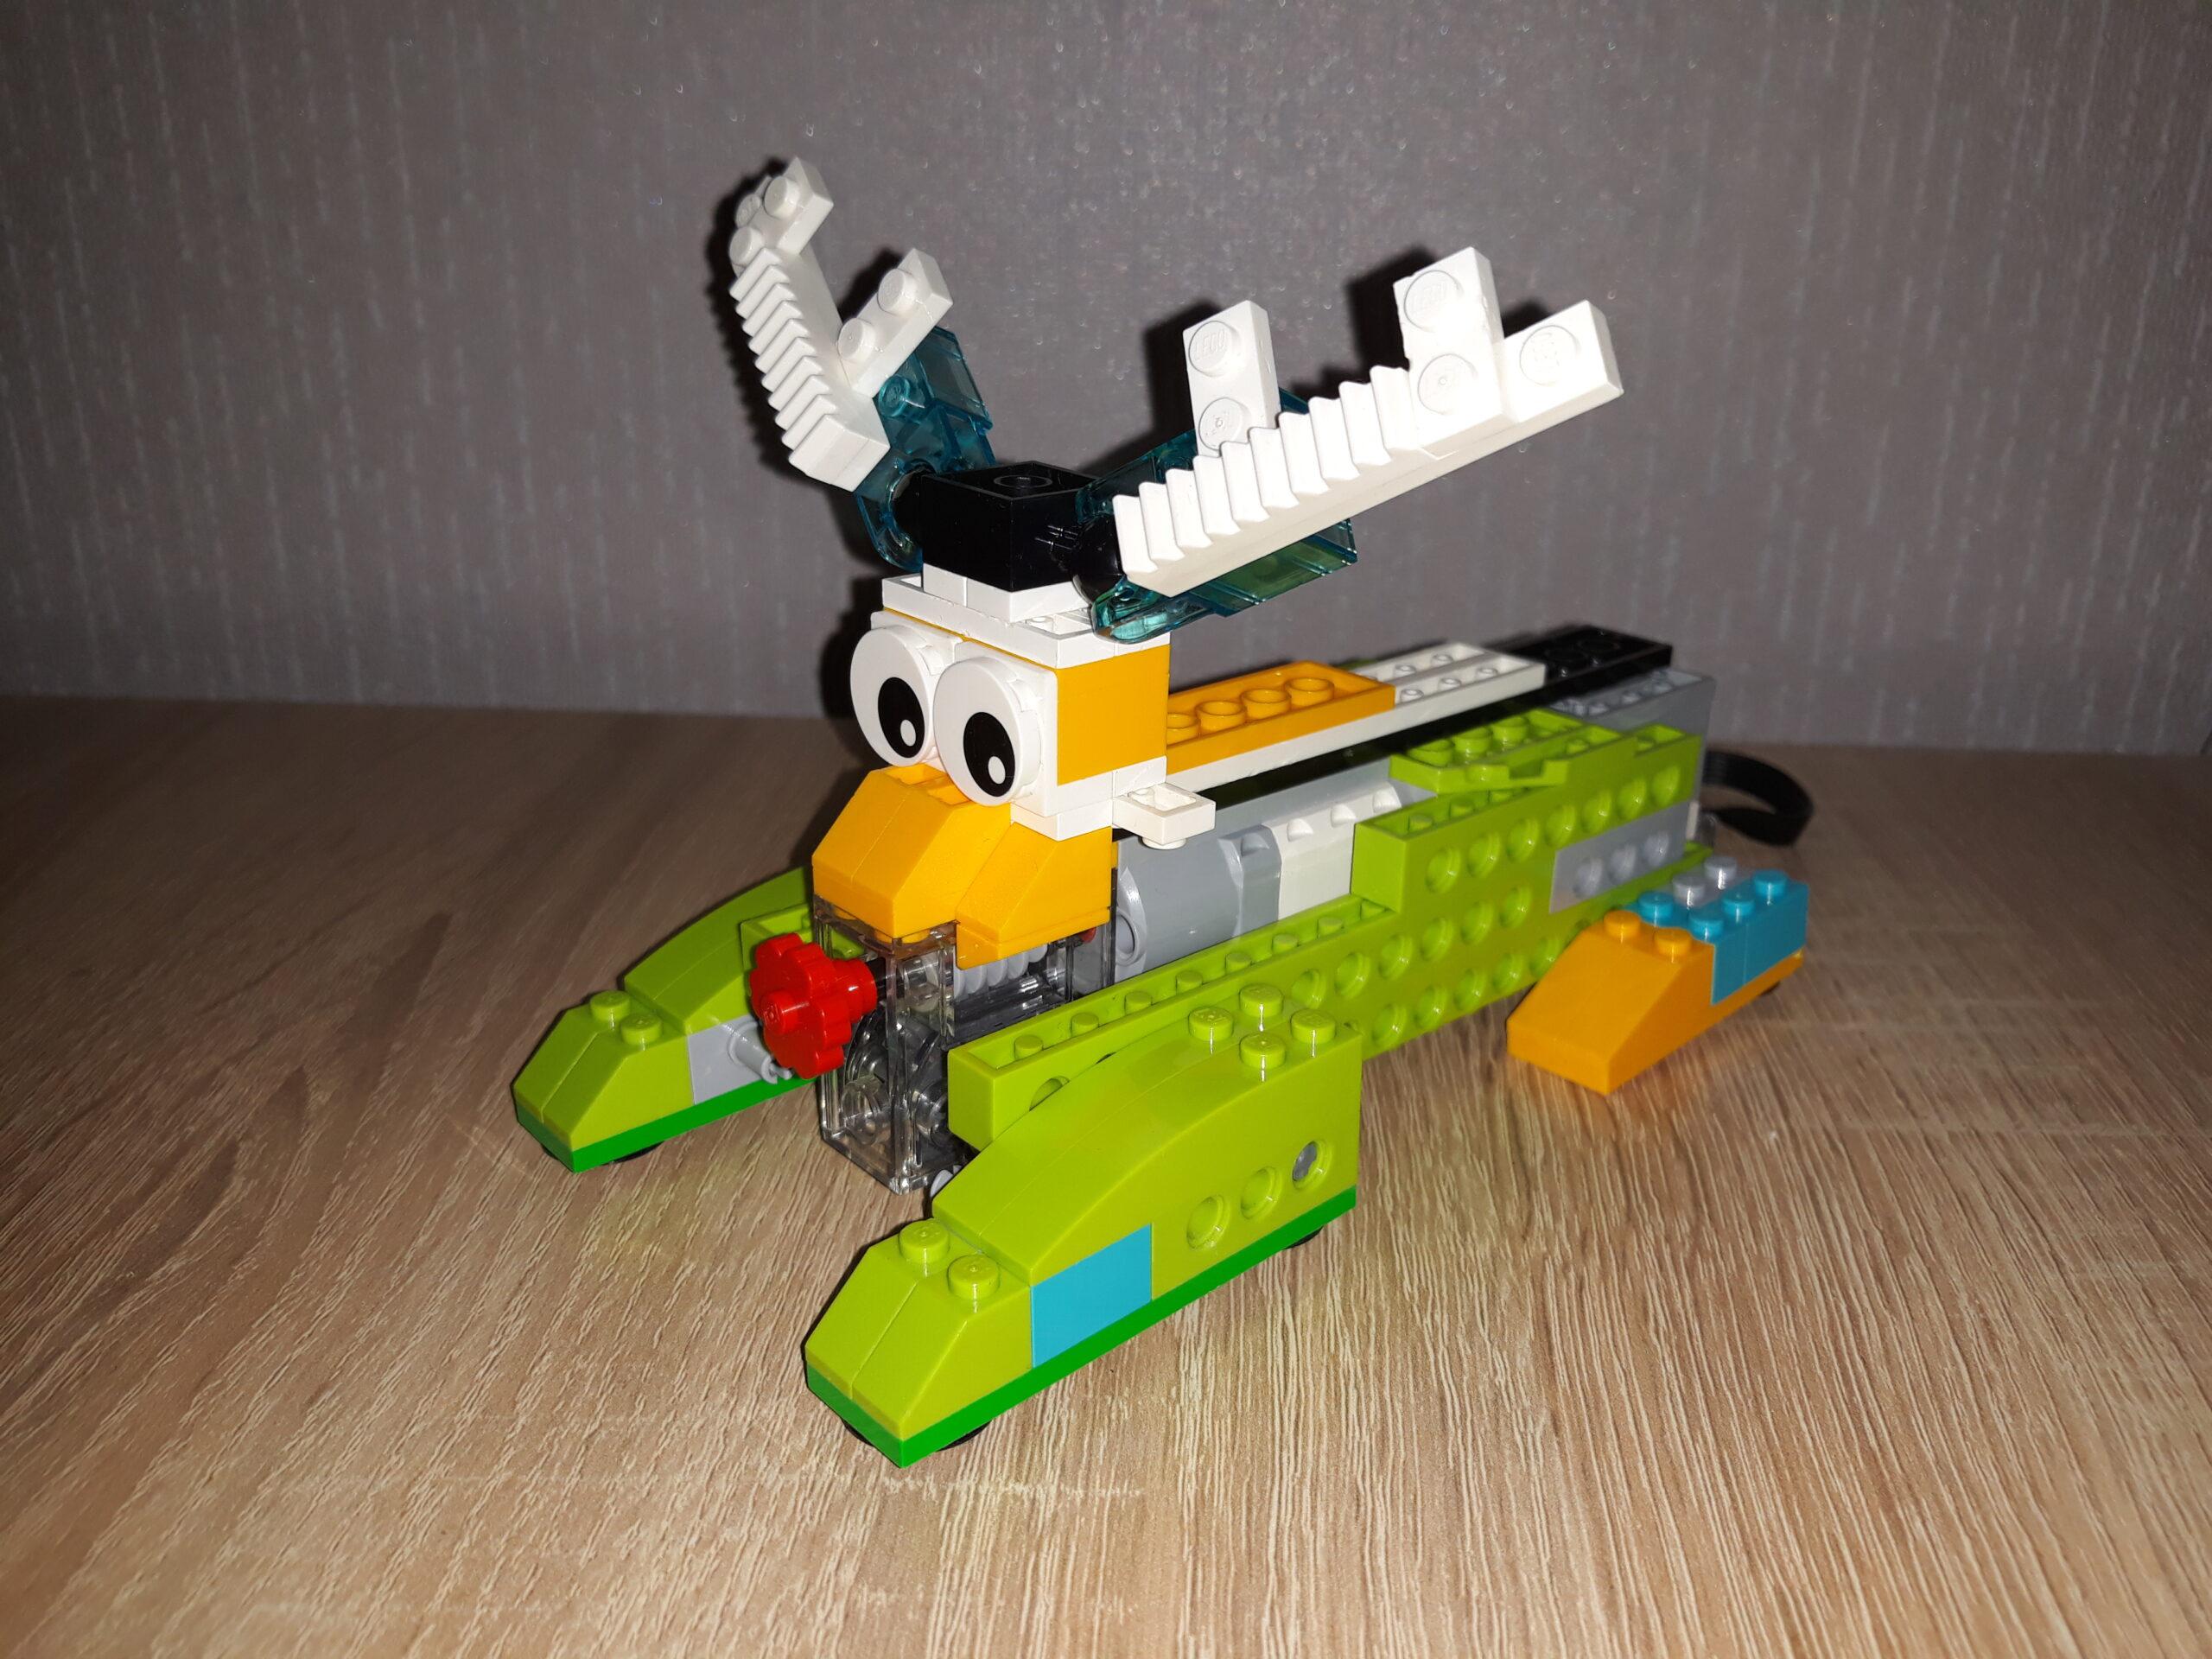 Инструкция по сборке из набора LEGO Education WeDo 2.0 Олень Свен